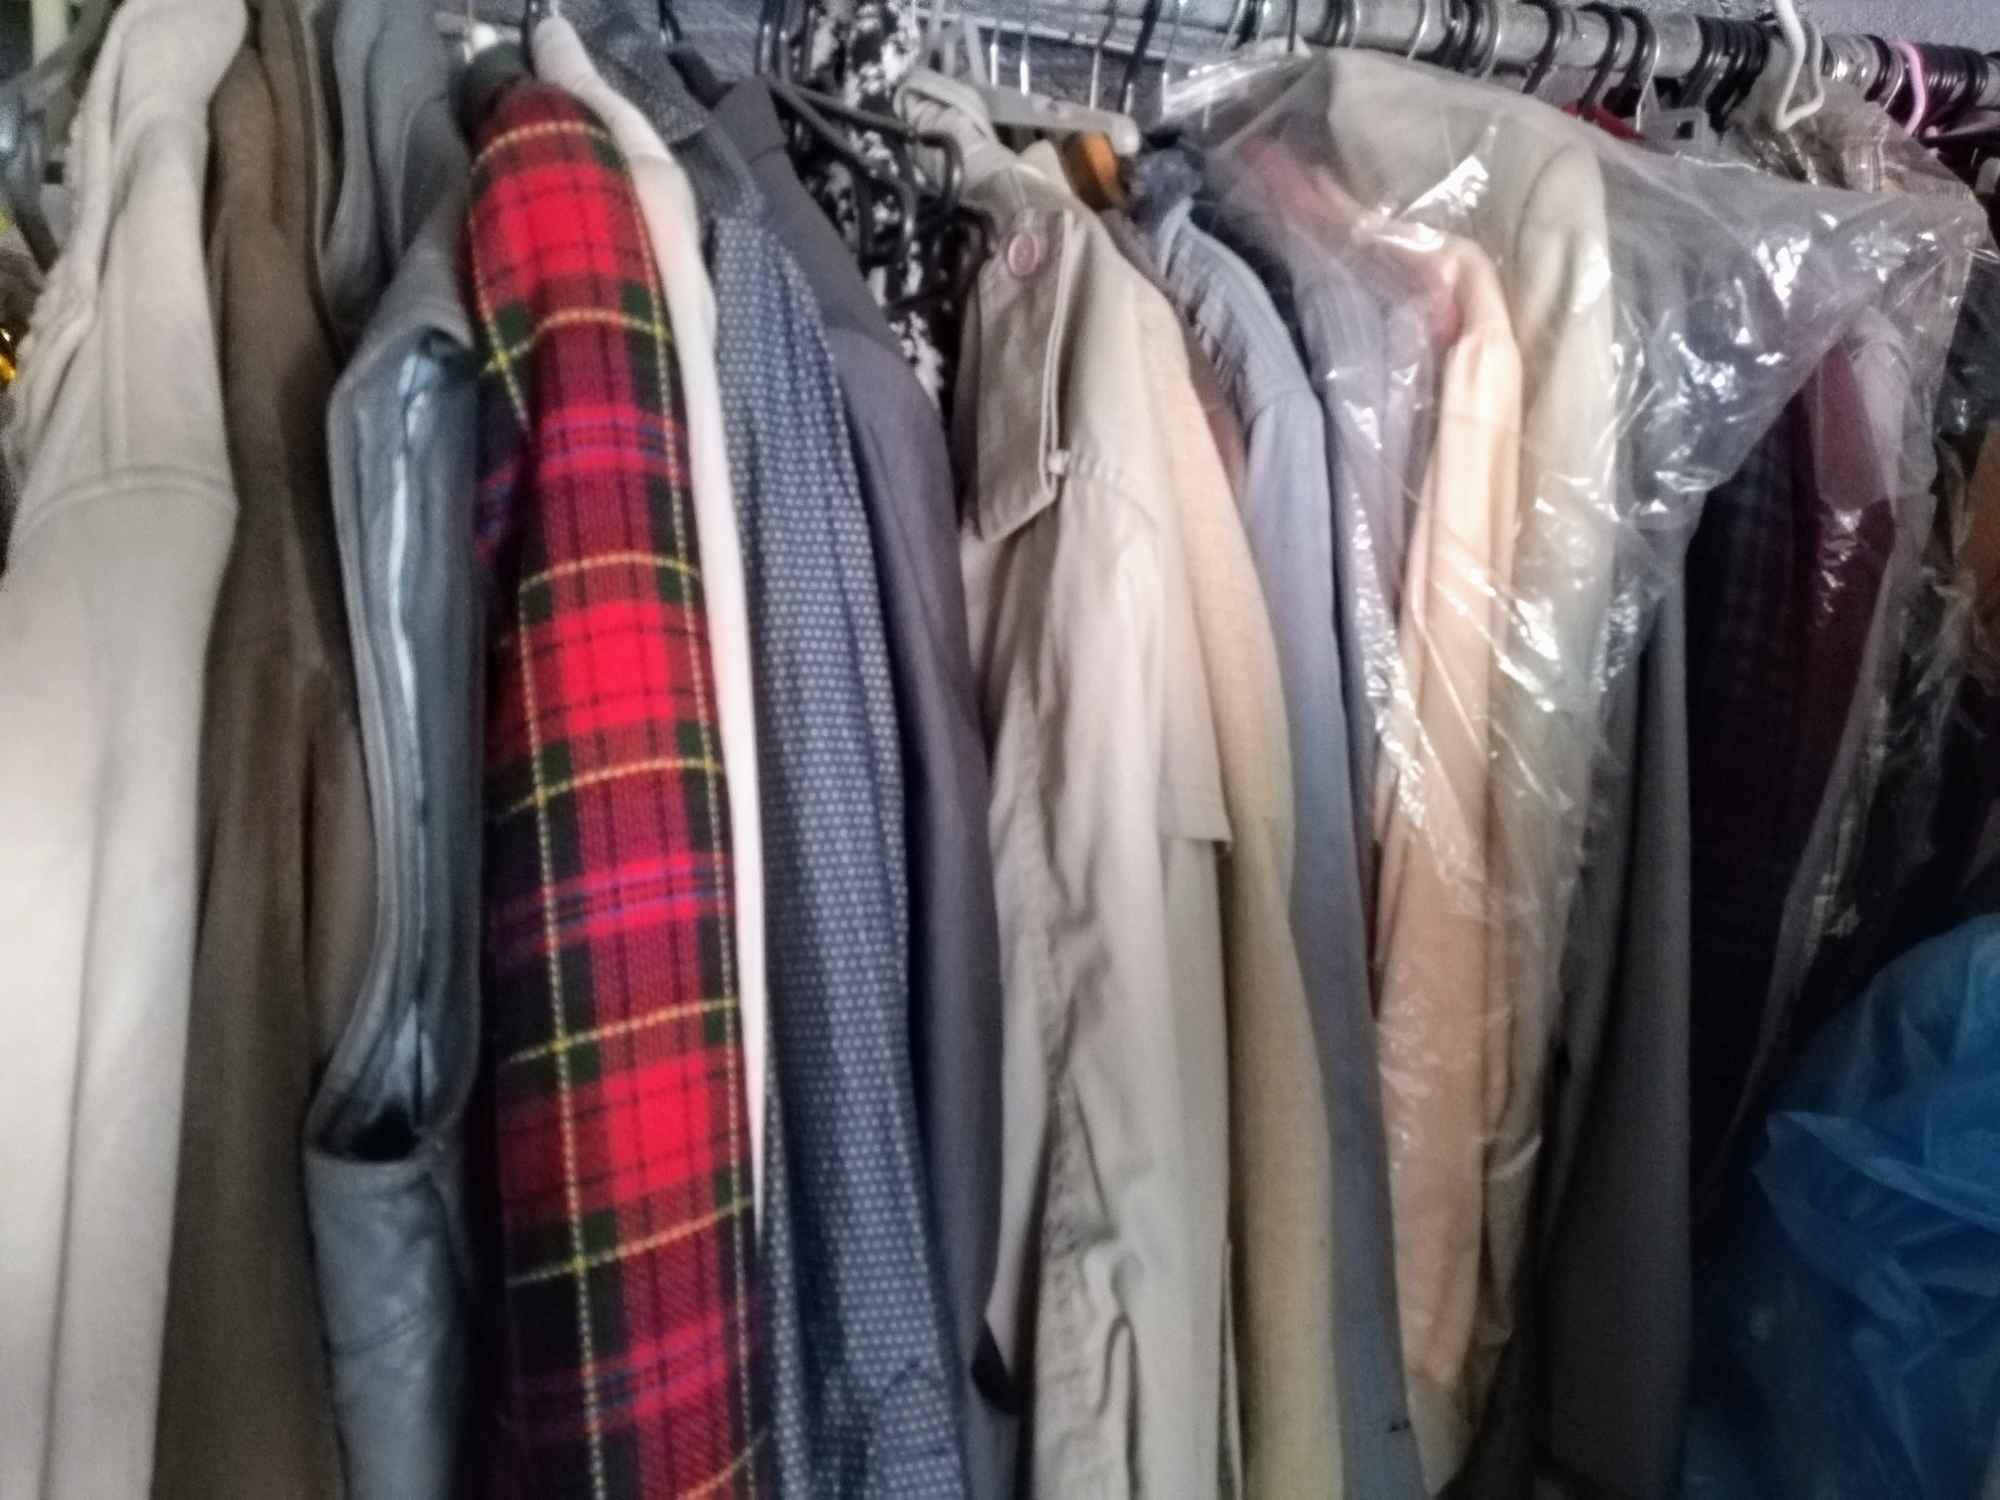 Odzież  sortowana gat.|  + wiele innych Śródmieście - zdjęcie 1